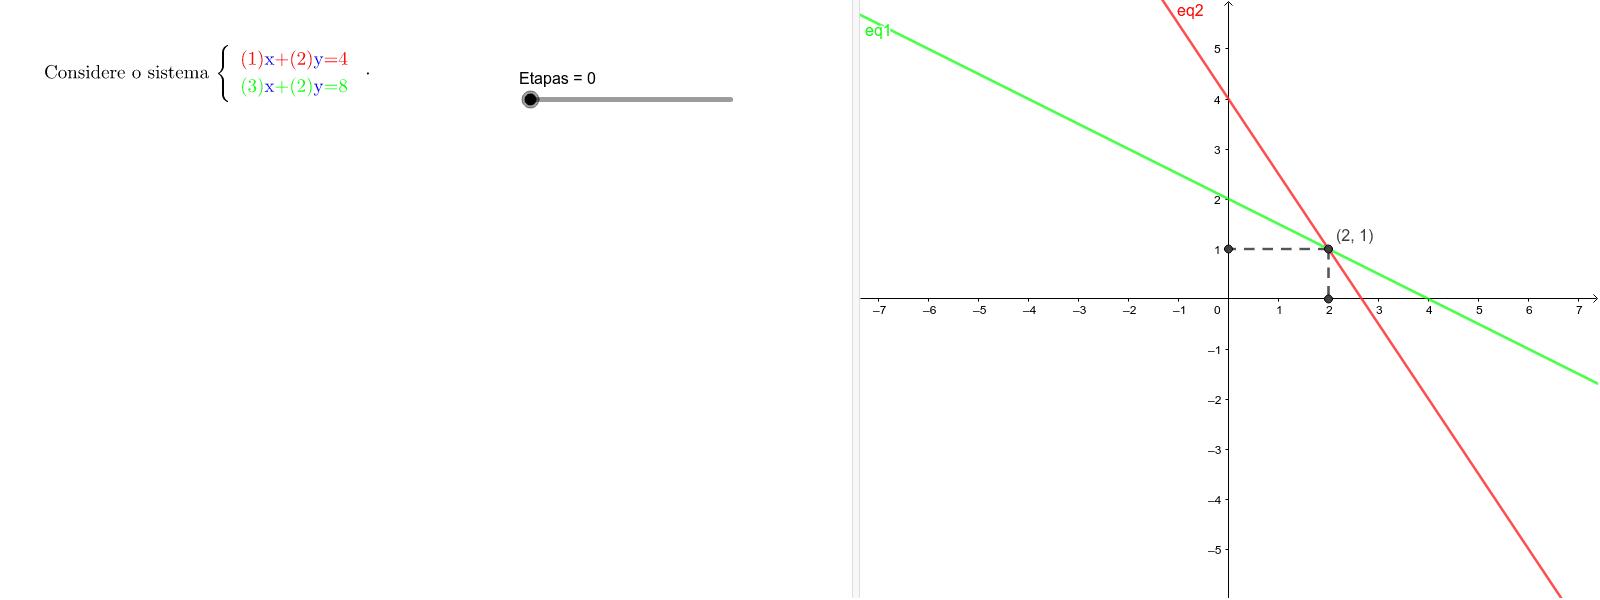 Como determinar a solução do sistema pelo método de Substituição? (as coordenadas do ponto de intersecção) Press Enter to start activity